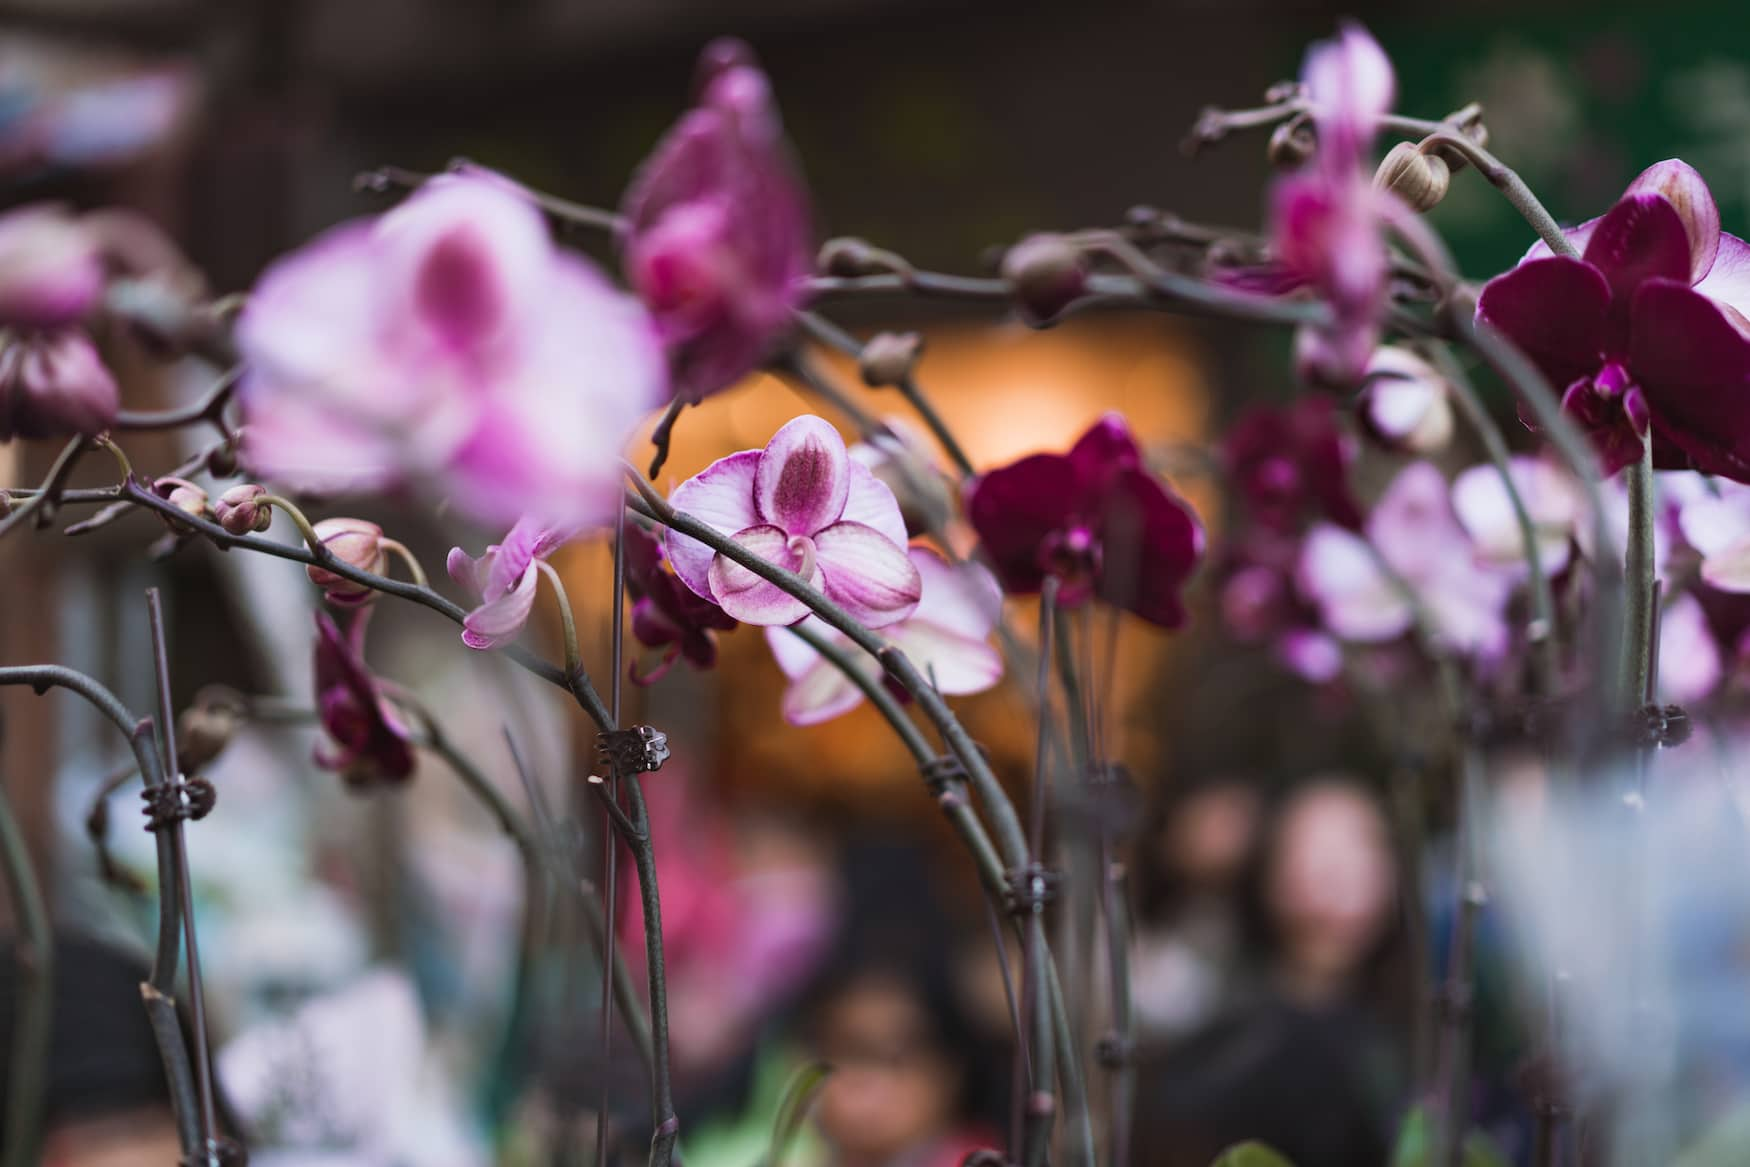 Schmetterlingsorchideen von einem Flotter Market in Hongkong. Tradition zum chinesischen Neujahrsbeginn.